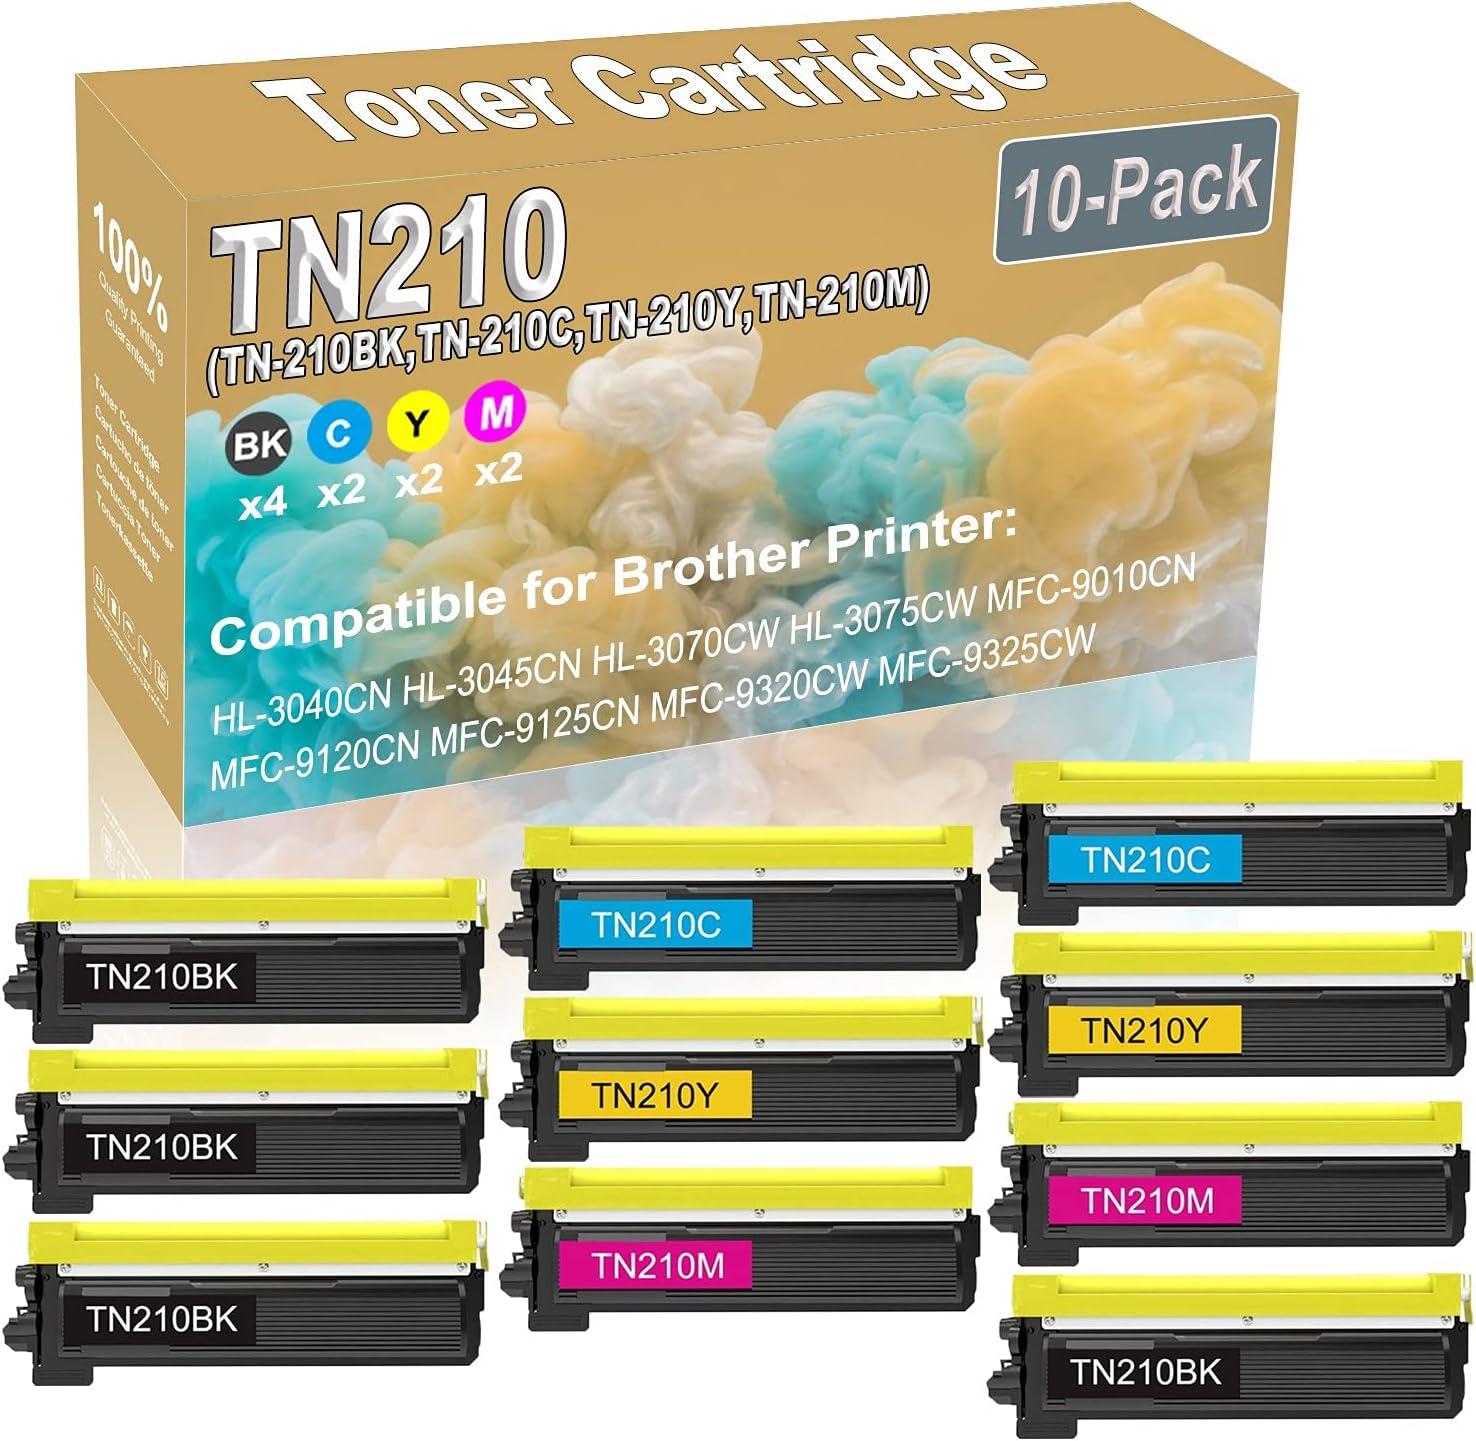 10-Pack New popularity 4BK+2C+2Y+2M Compatible HL-3040CN Prin HL-3045CN Max 53% OFF Laser